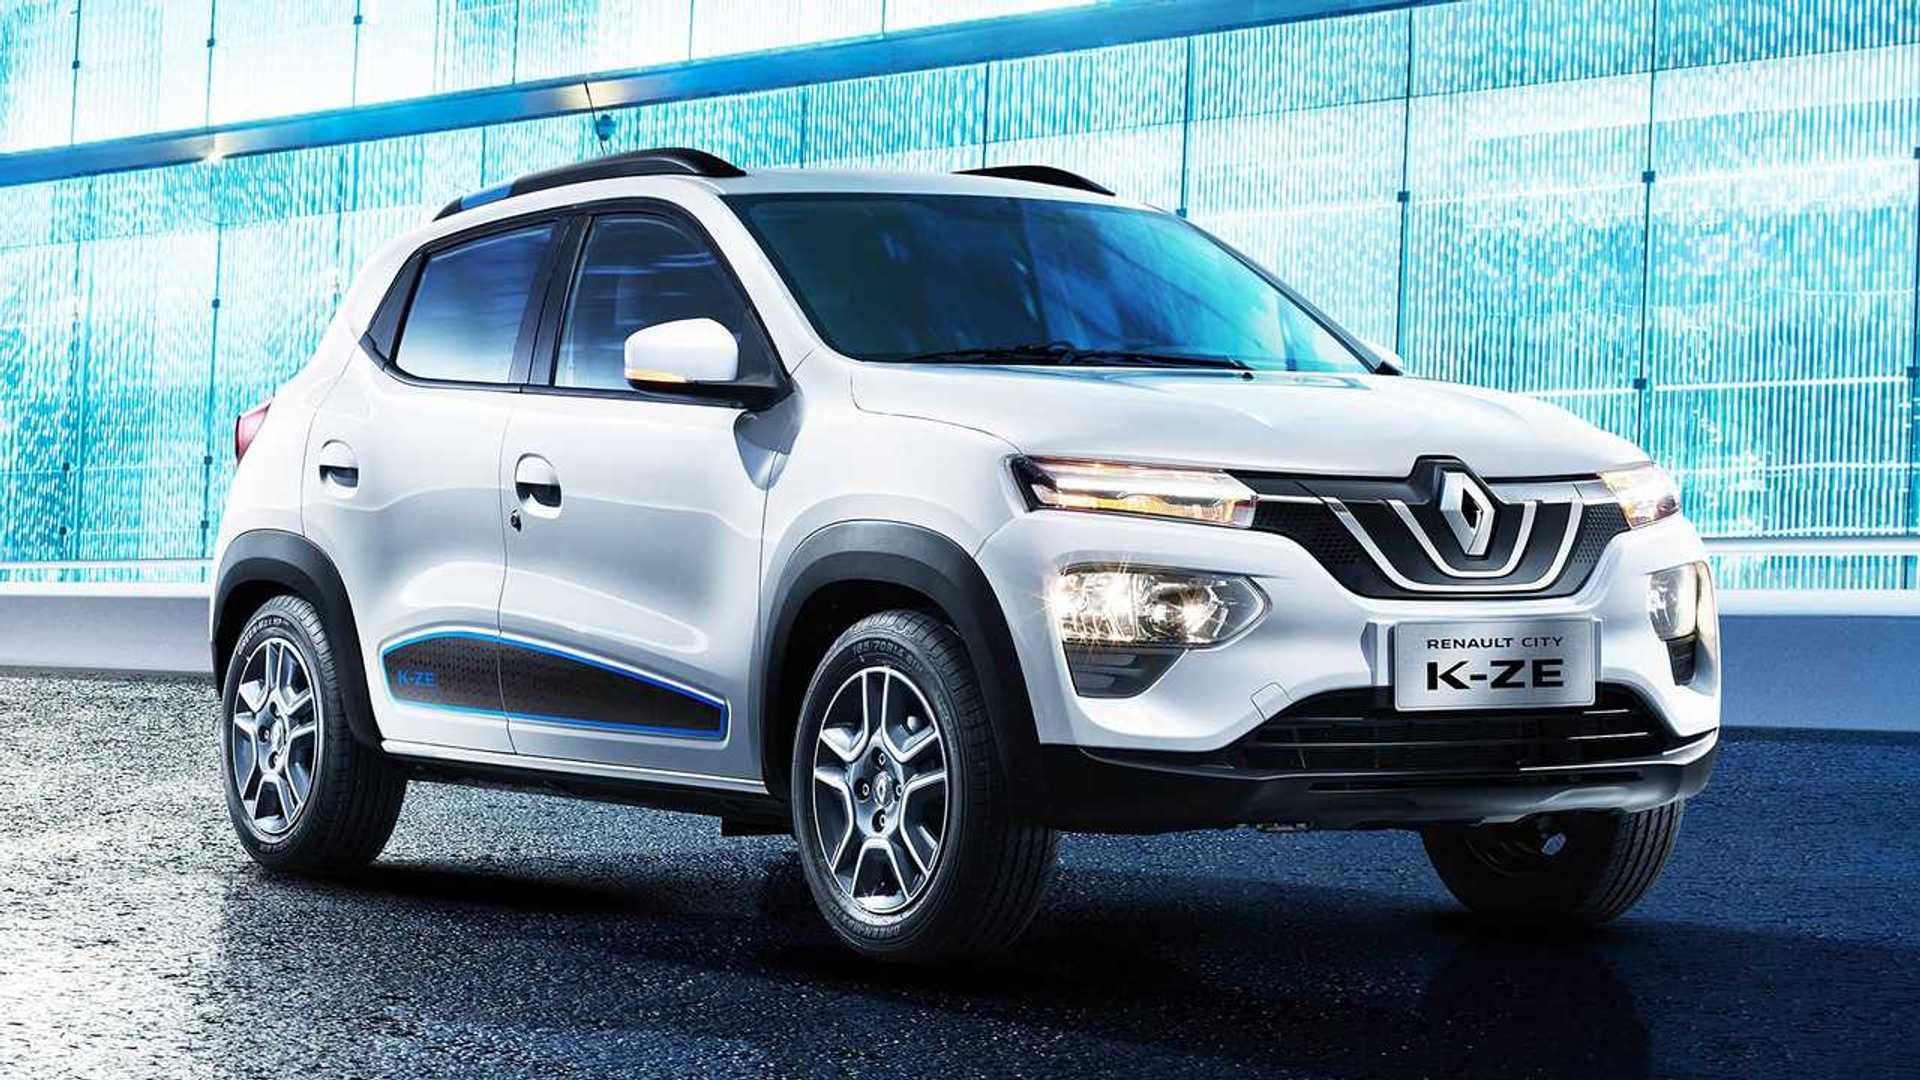 Renault City K-ZE, il piccolo SUV elettrico globale